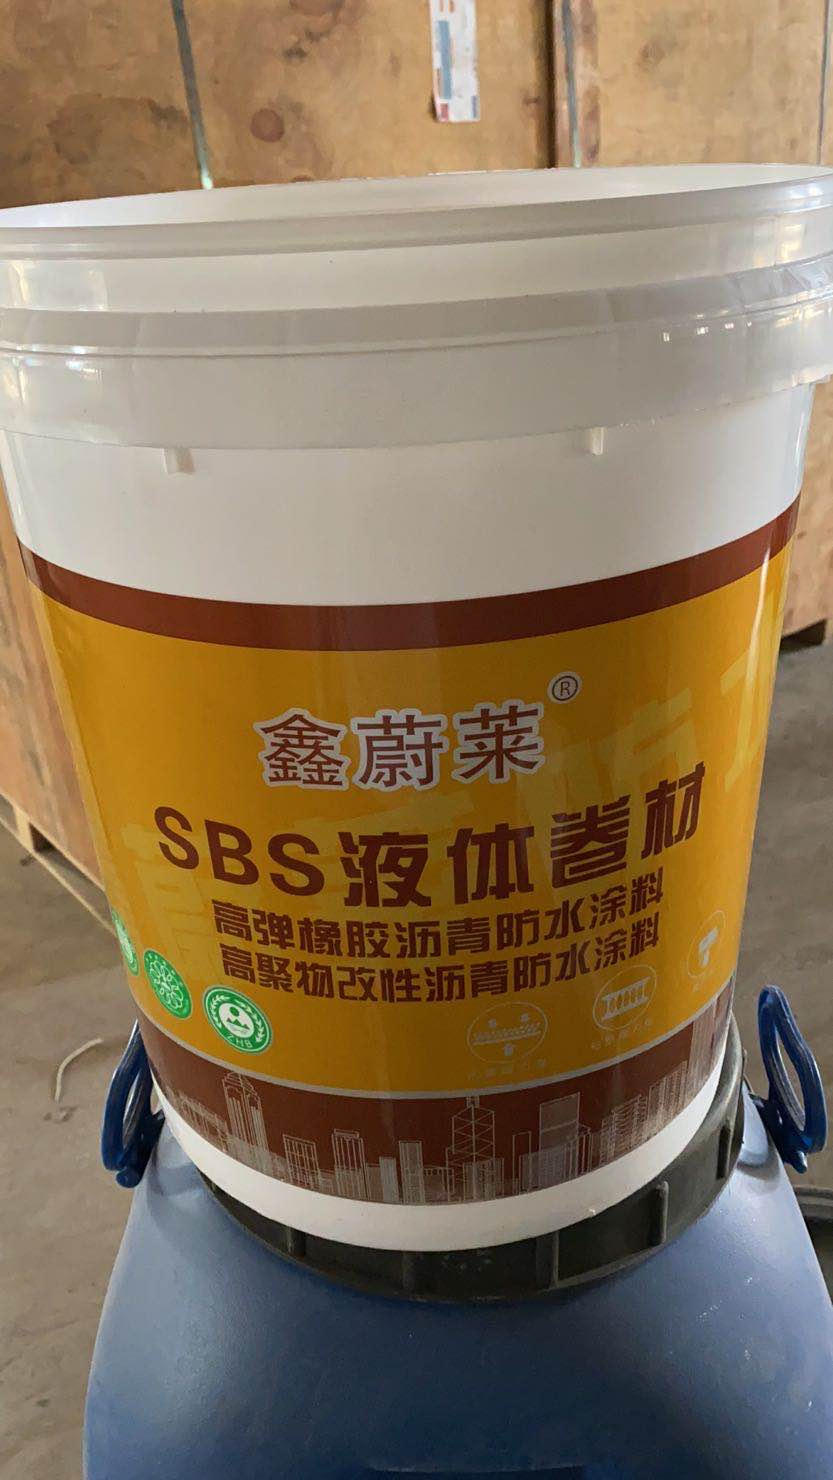 防水涂料层施工以后出现这种问题怎么办